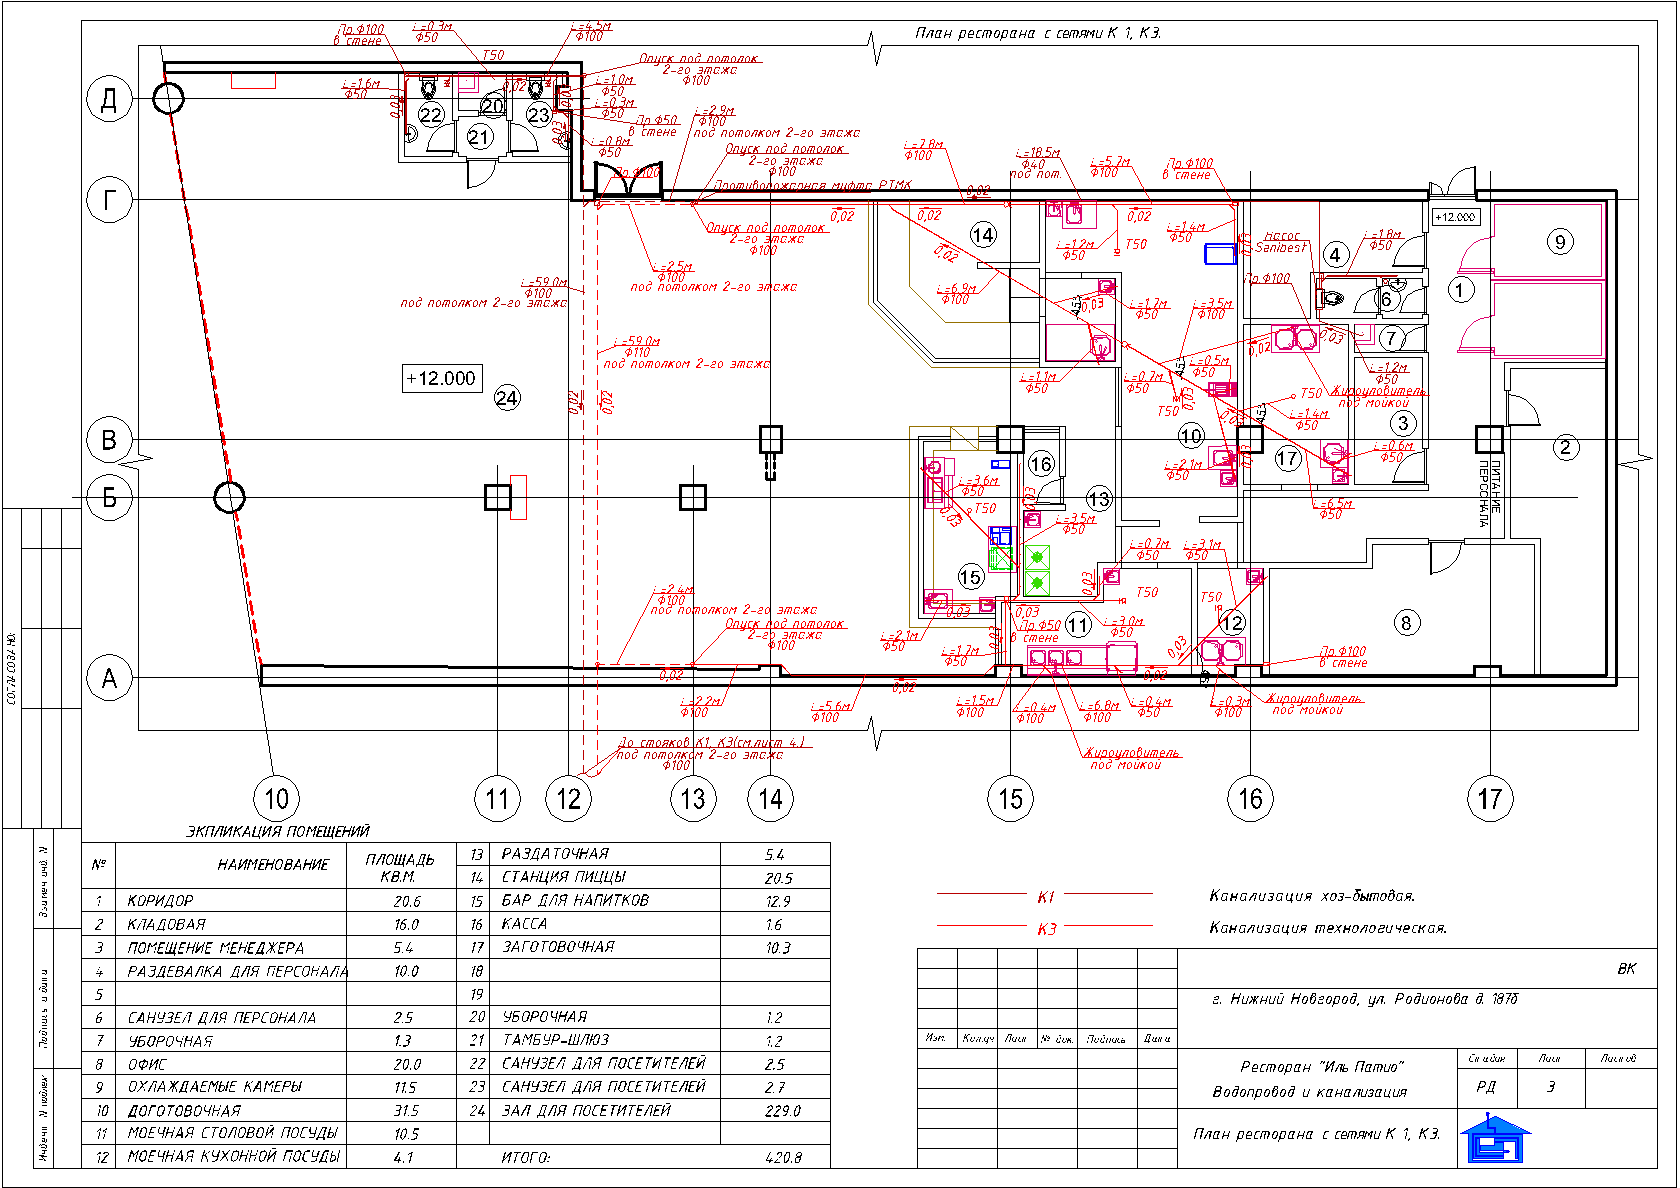 Схема и технические условия на водопровод